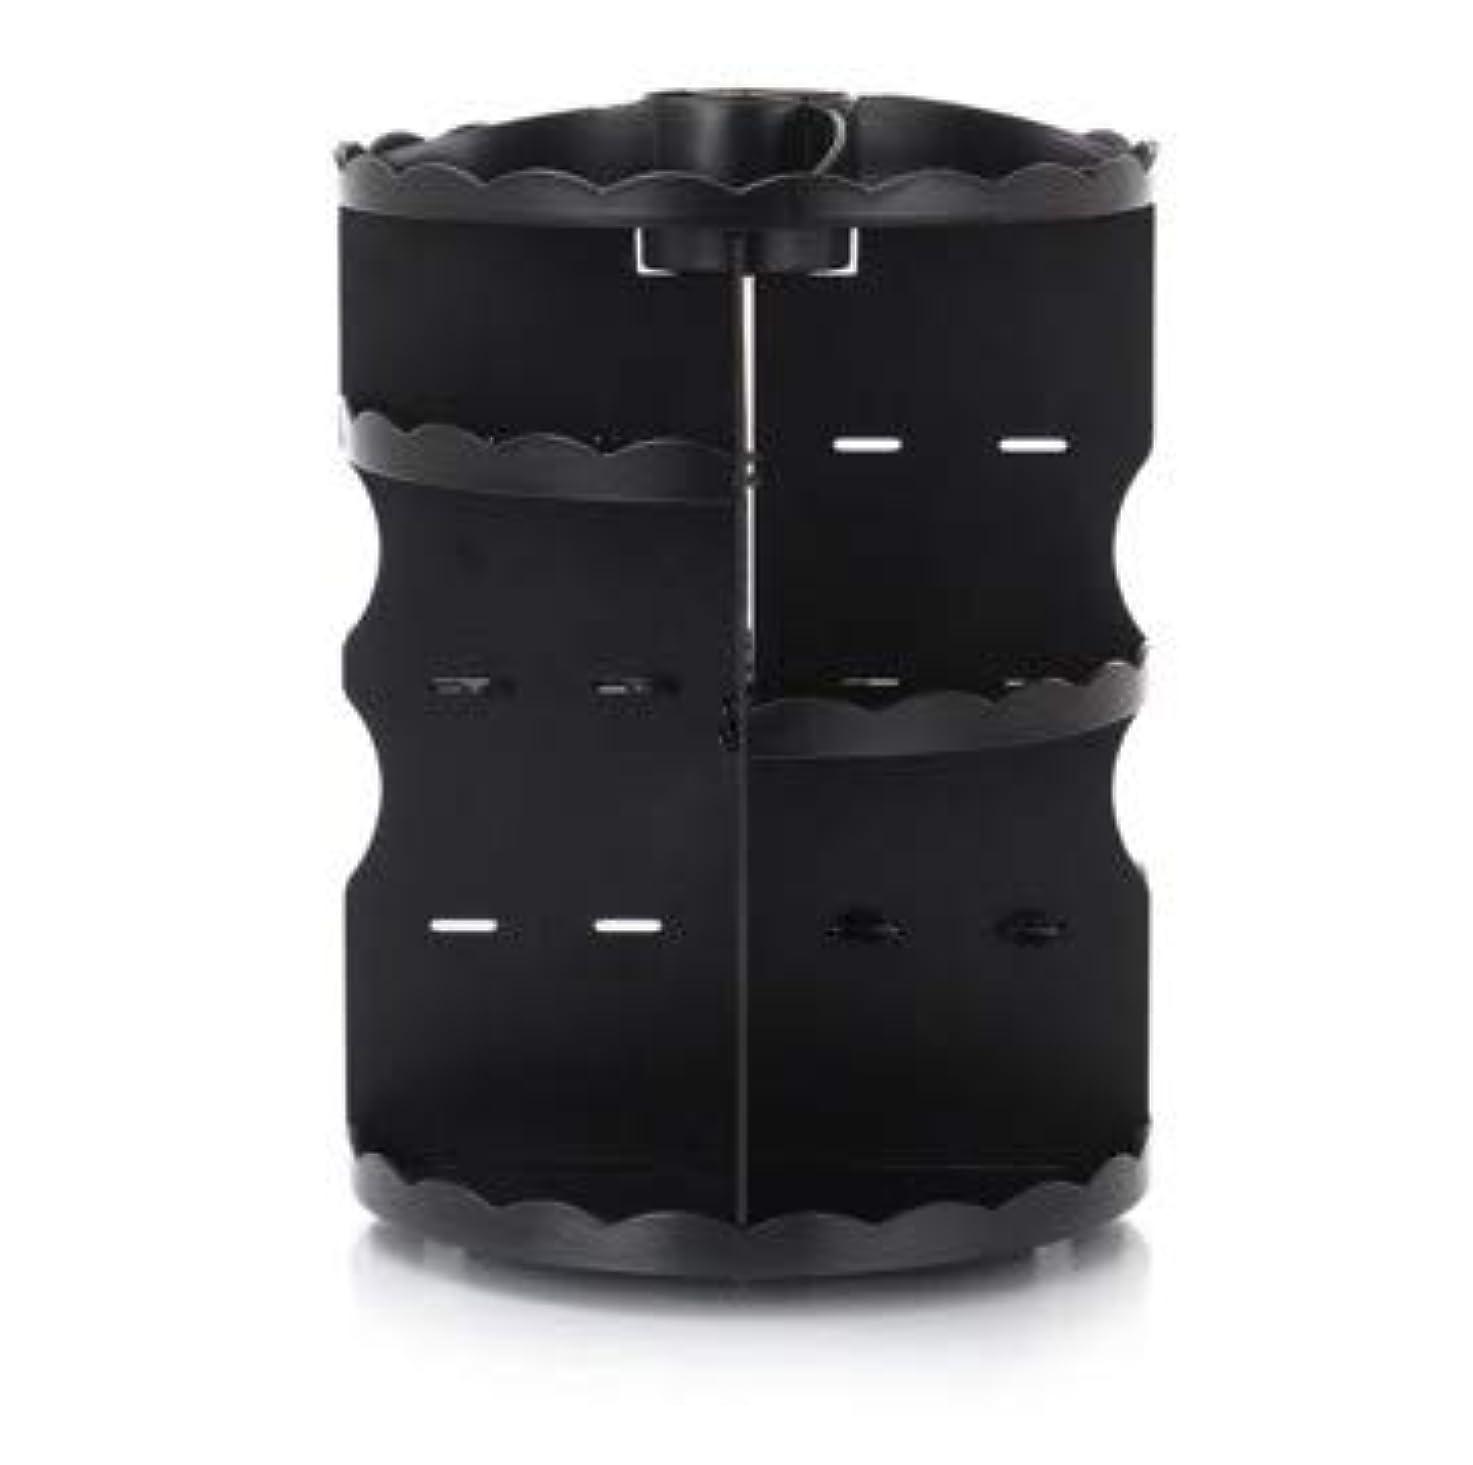 フィットネス全く更新ラウンド卓上回転口紅フレーム透明アクリル化粧ケース浴室スキンケアプラスチック収納ボックス (Color : ブラック)